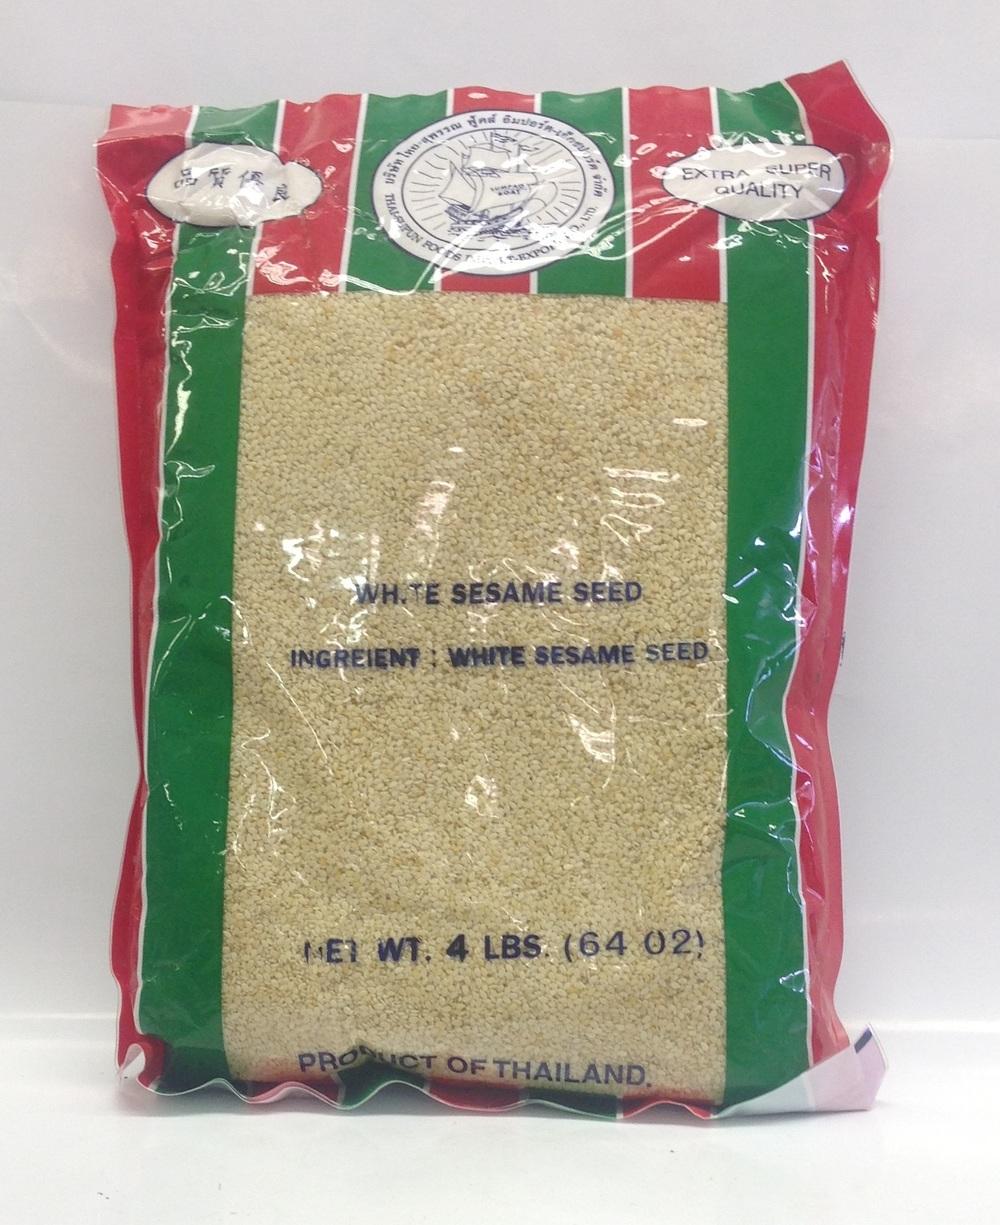 White Sesame Seed   Sumpao Boat   SD18202 10x4 lbs (Thai)  SD18203 10x4 lbs (Bag)